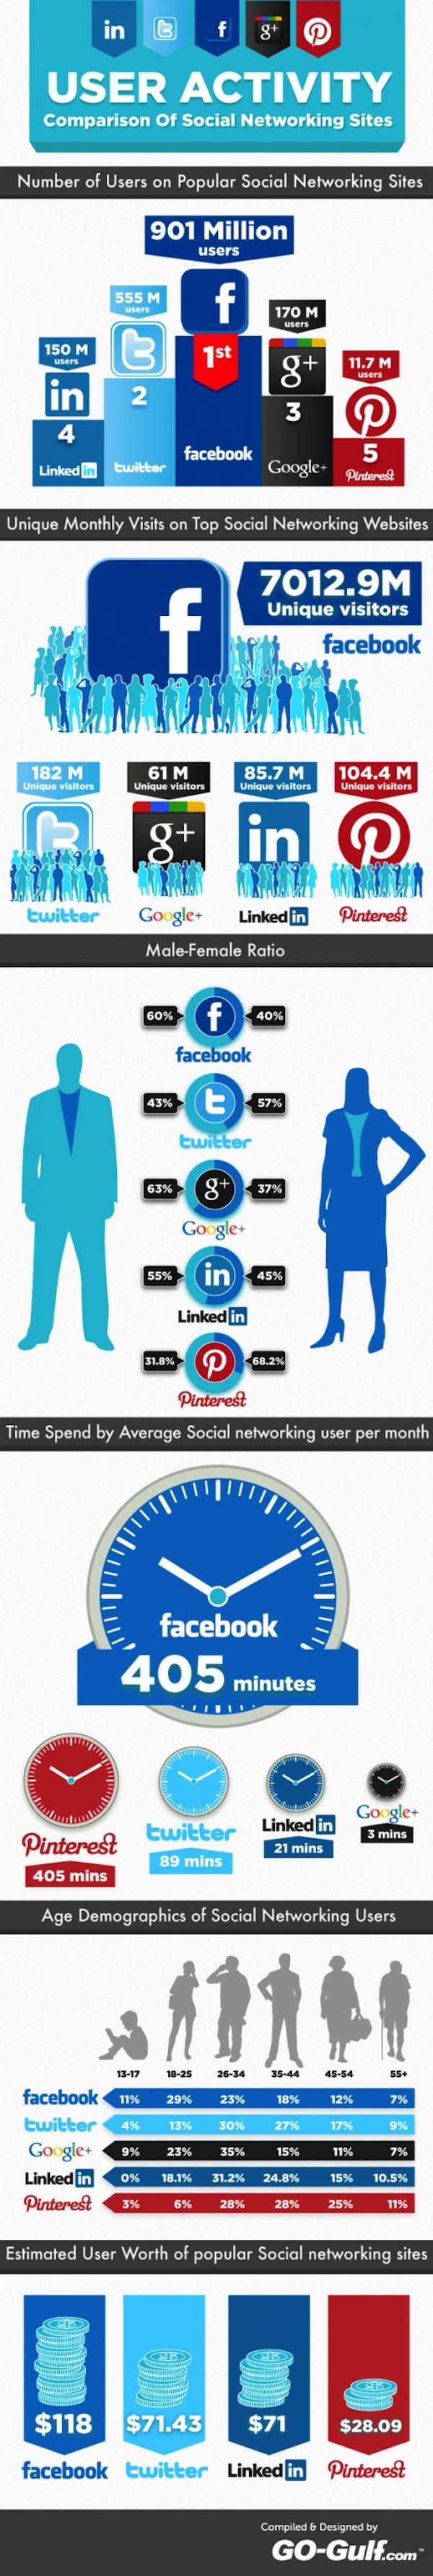 Comparación de la actividad de los usuarios en las redes sociales [Infografía] - uso-de-redes-sociales